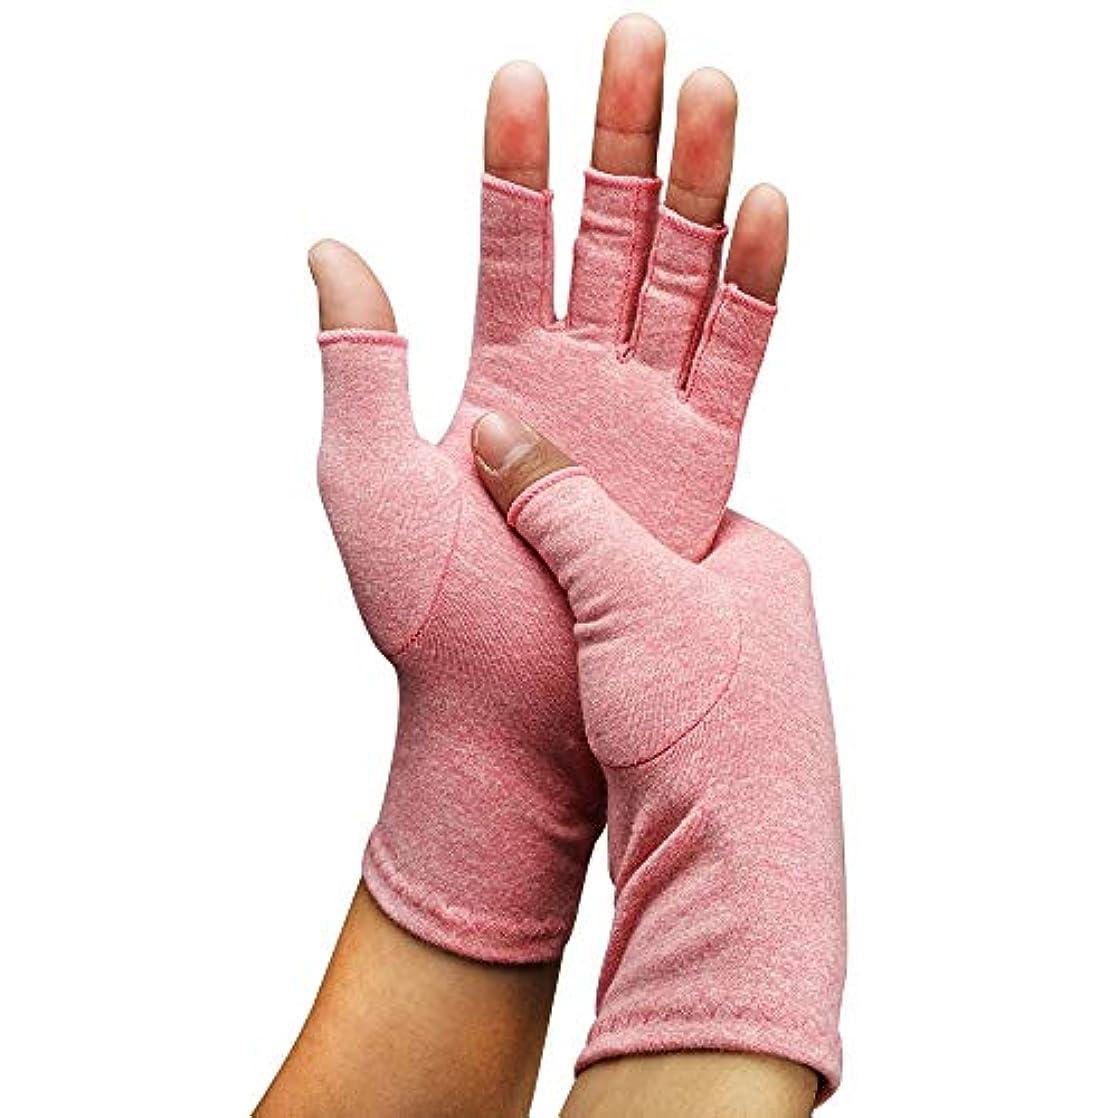 においシプリーエミュレートする親指ブレース - 関節炎、腱炎などのための親指スピカ副子男性と女性のための右手と左手の両方にフィット